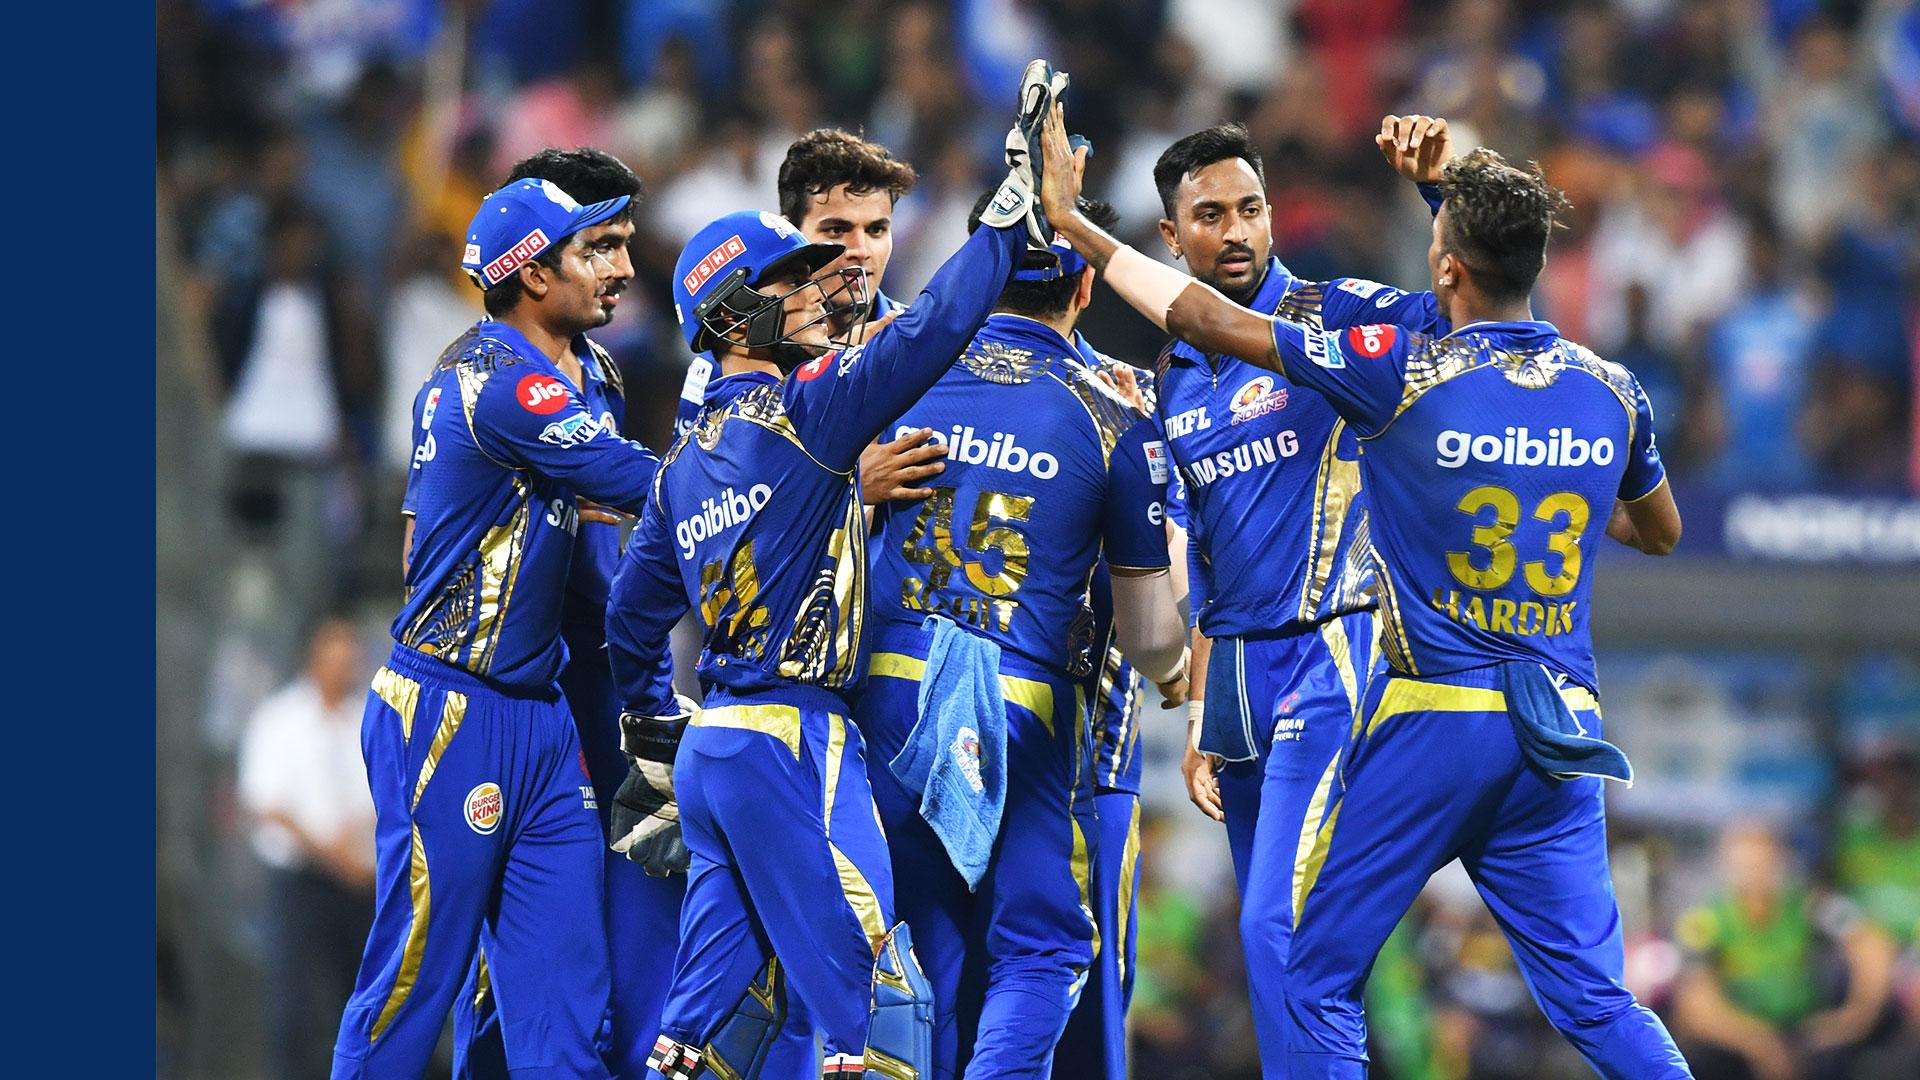 https://cdn.tamilspark.com/media/18106myv-Mumbai-Indians-IPL.jpg